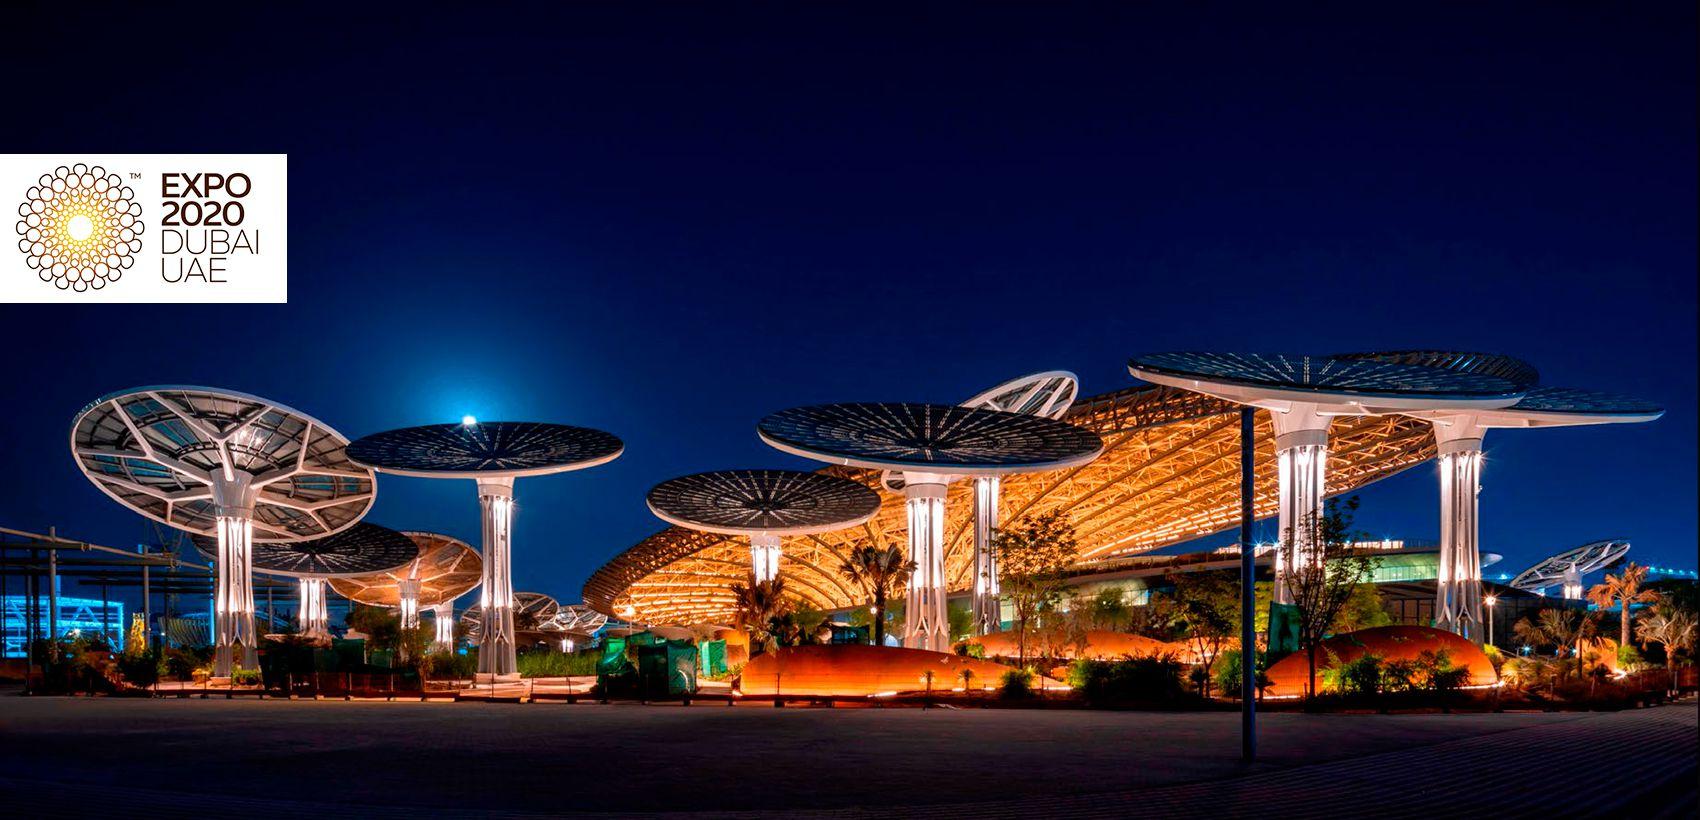 Dubai: EXPO 2020